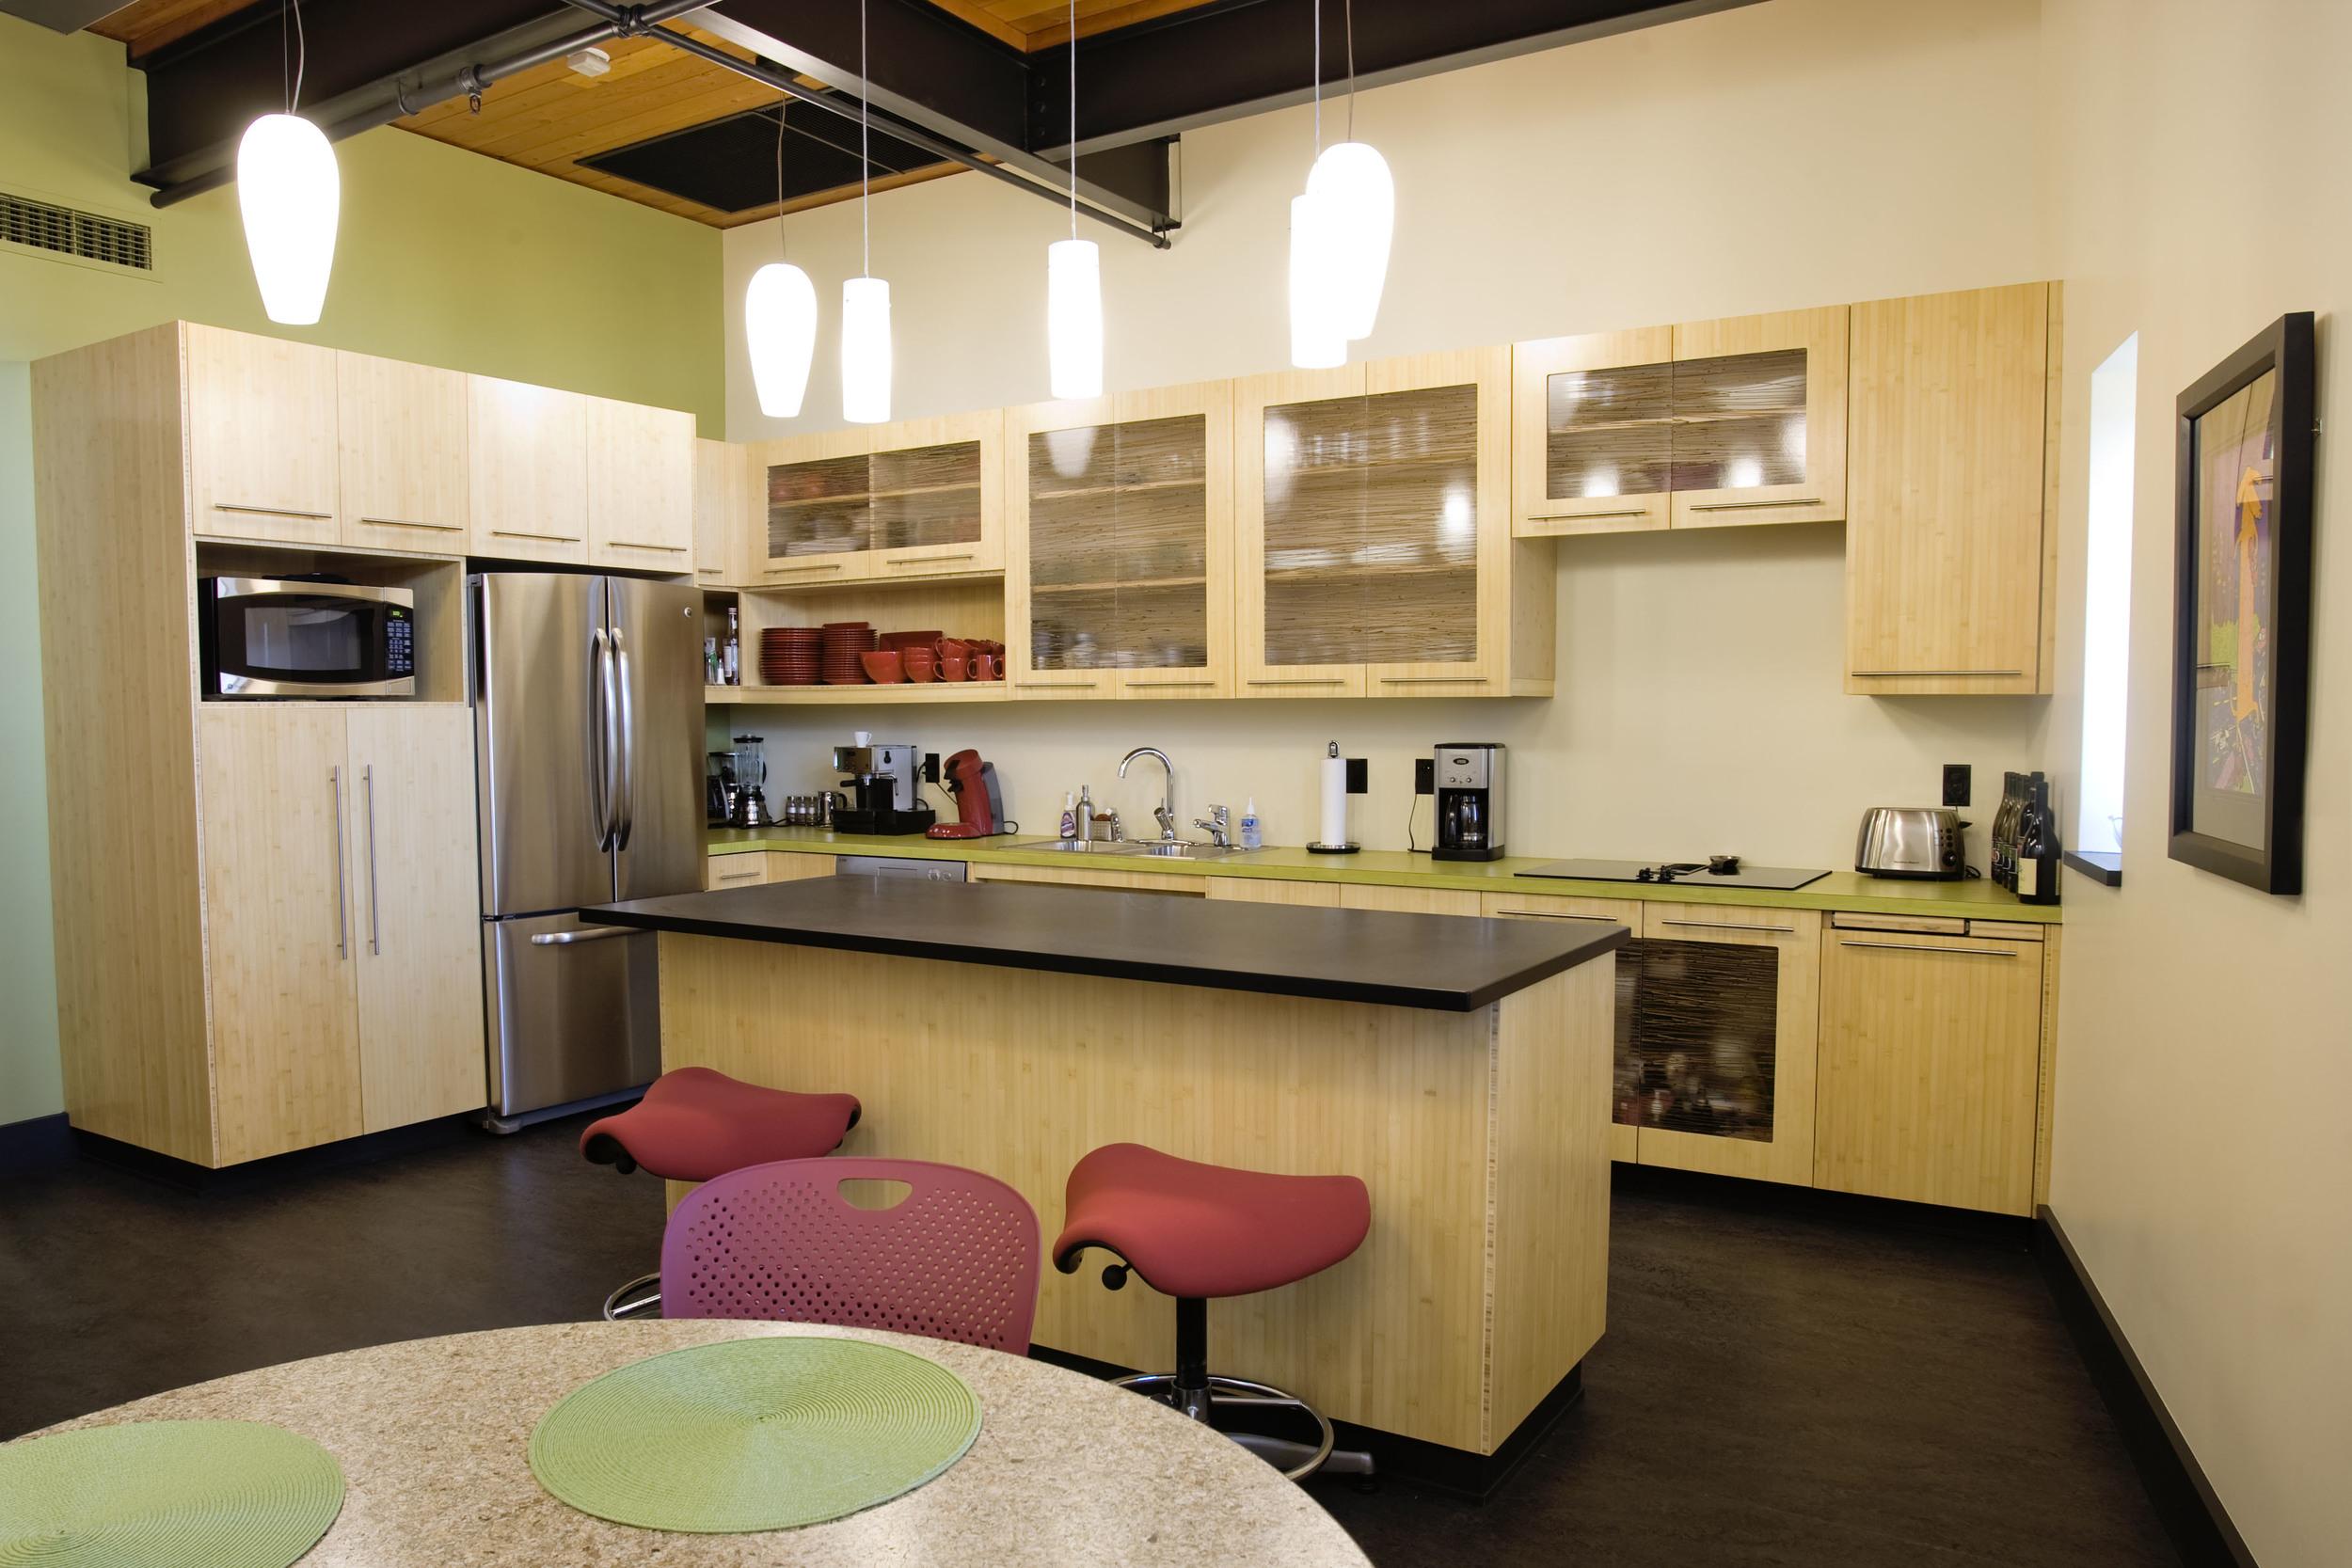 609-5_13_Arlie_Offices_kitchen.jpg